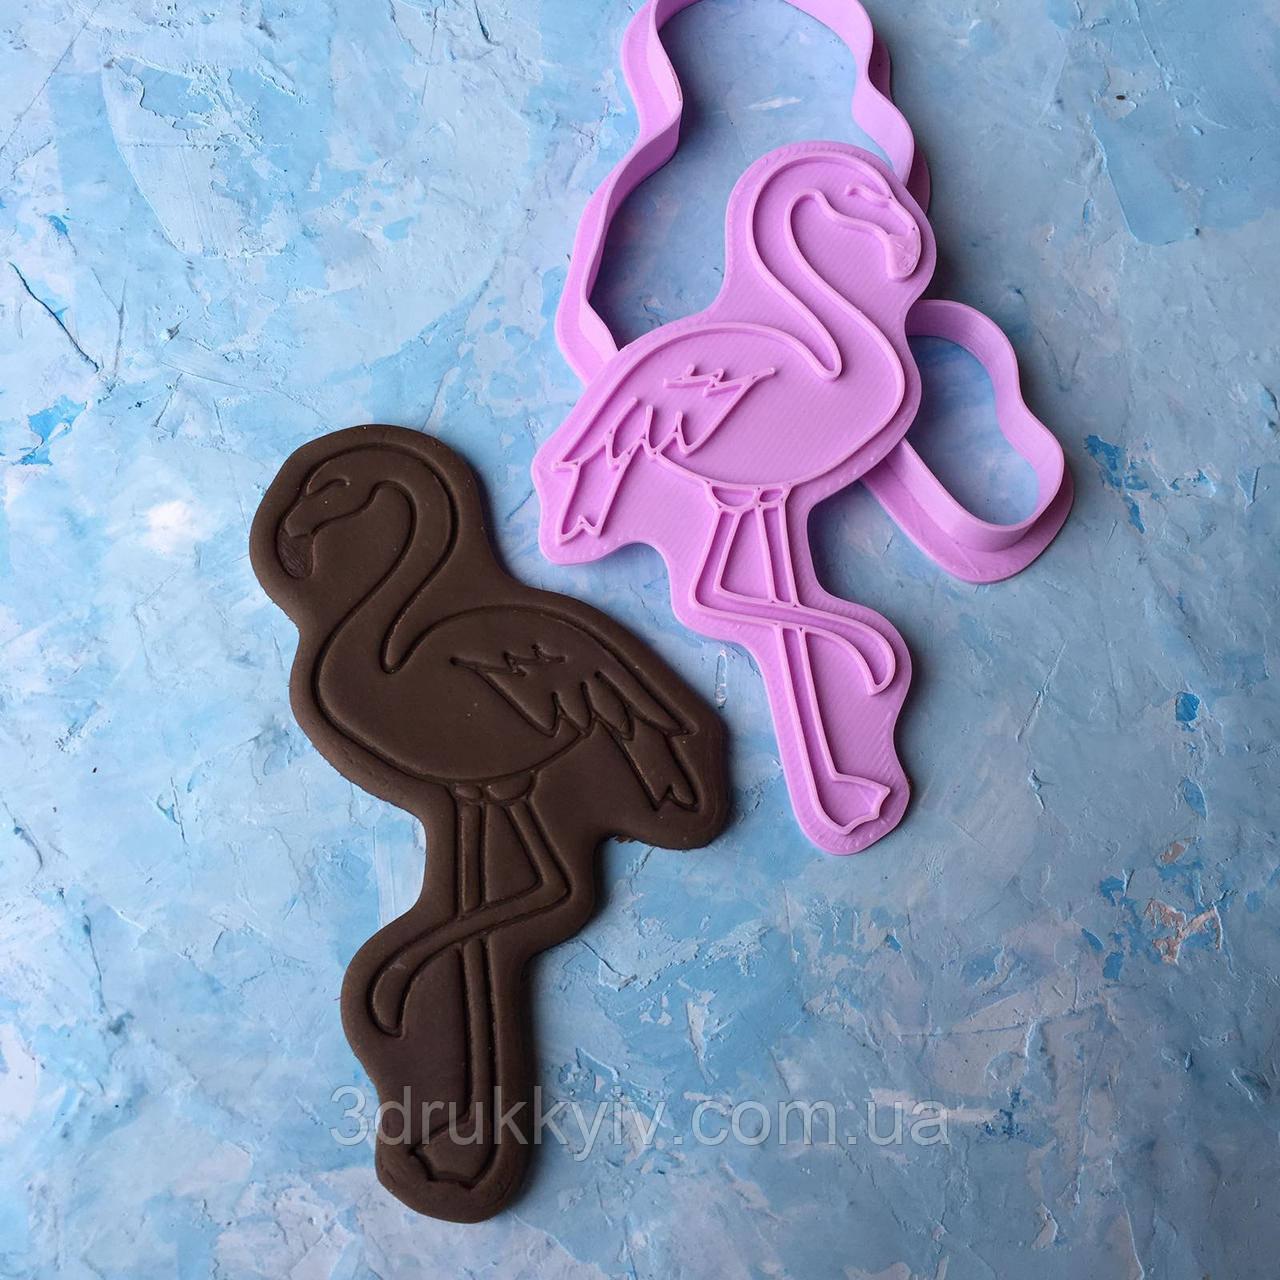 """Вирубка для пряників """"Фламінго #2"""" / Вырубка - формочка для пряников """"Фламинго #2"""""""